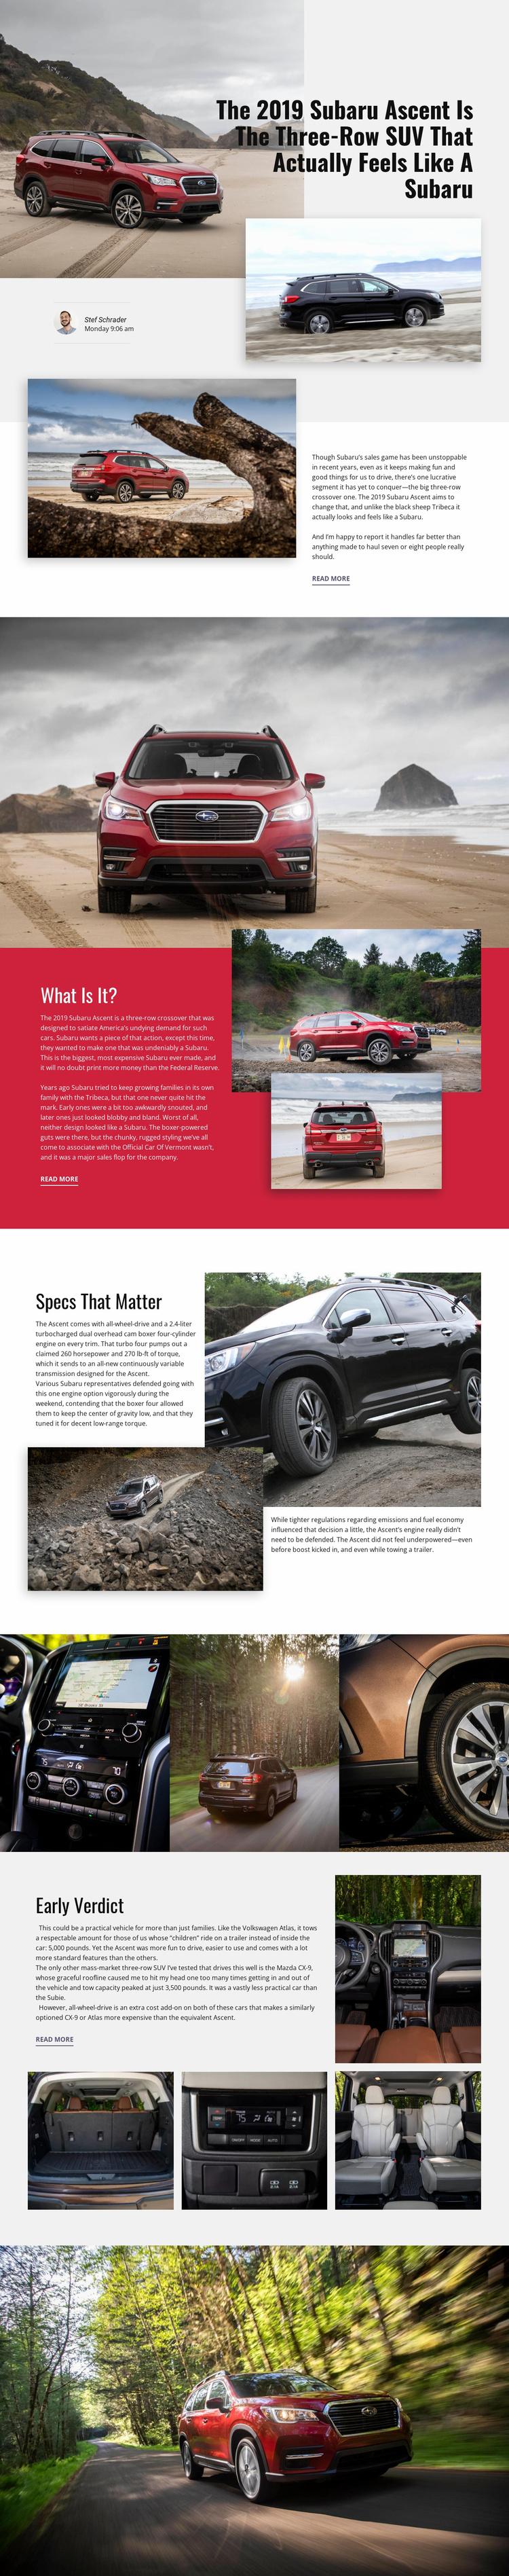 Subaru Website Template